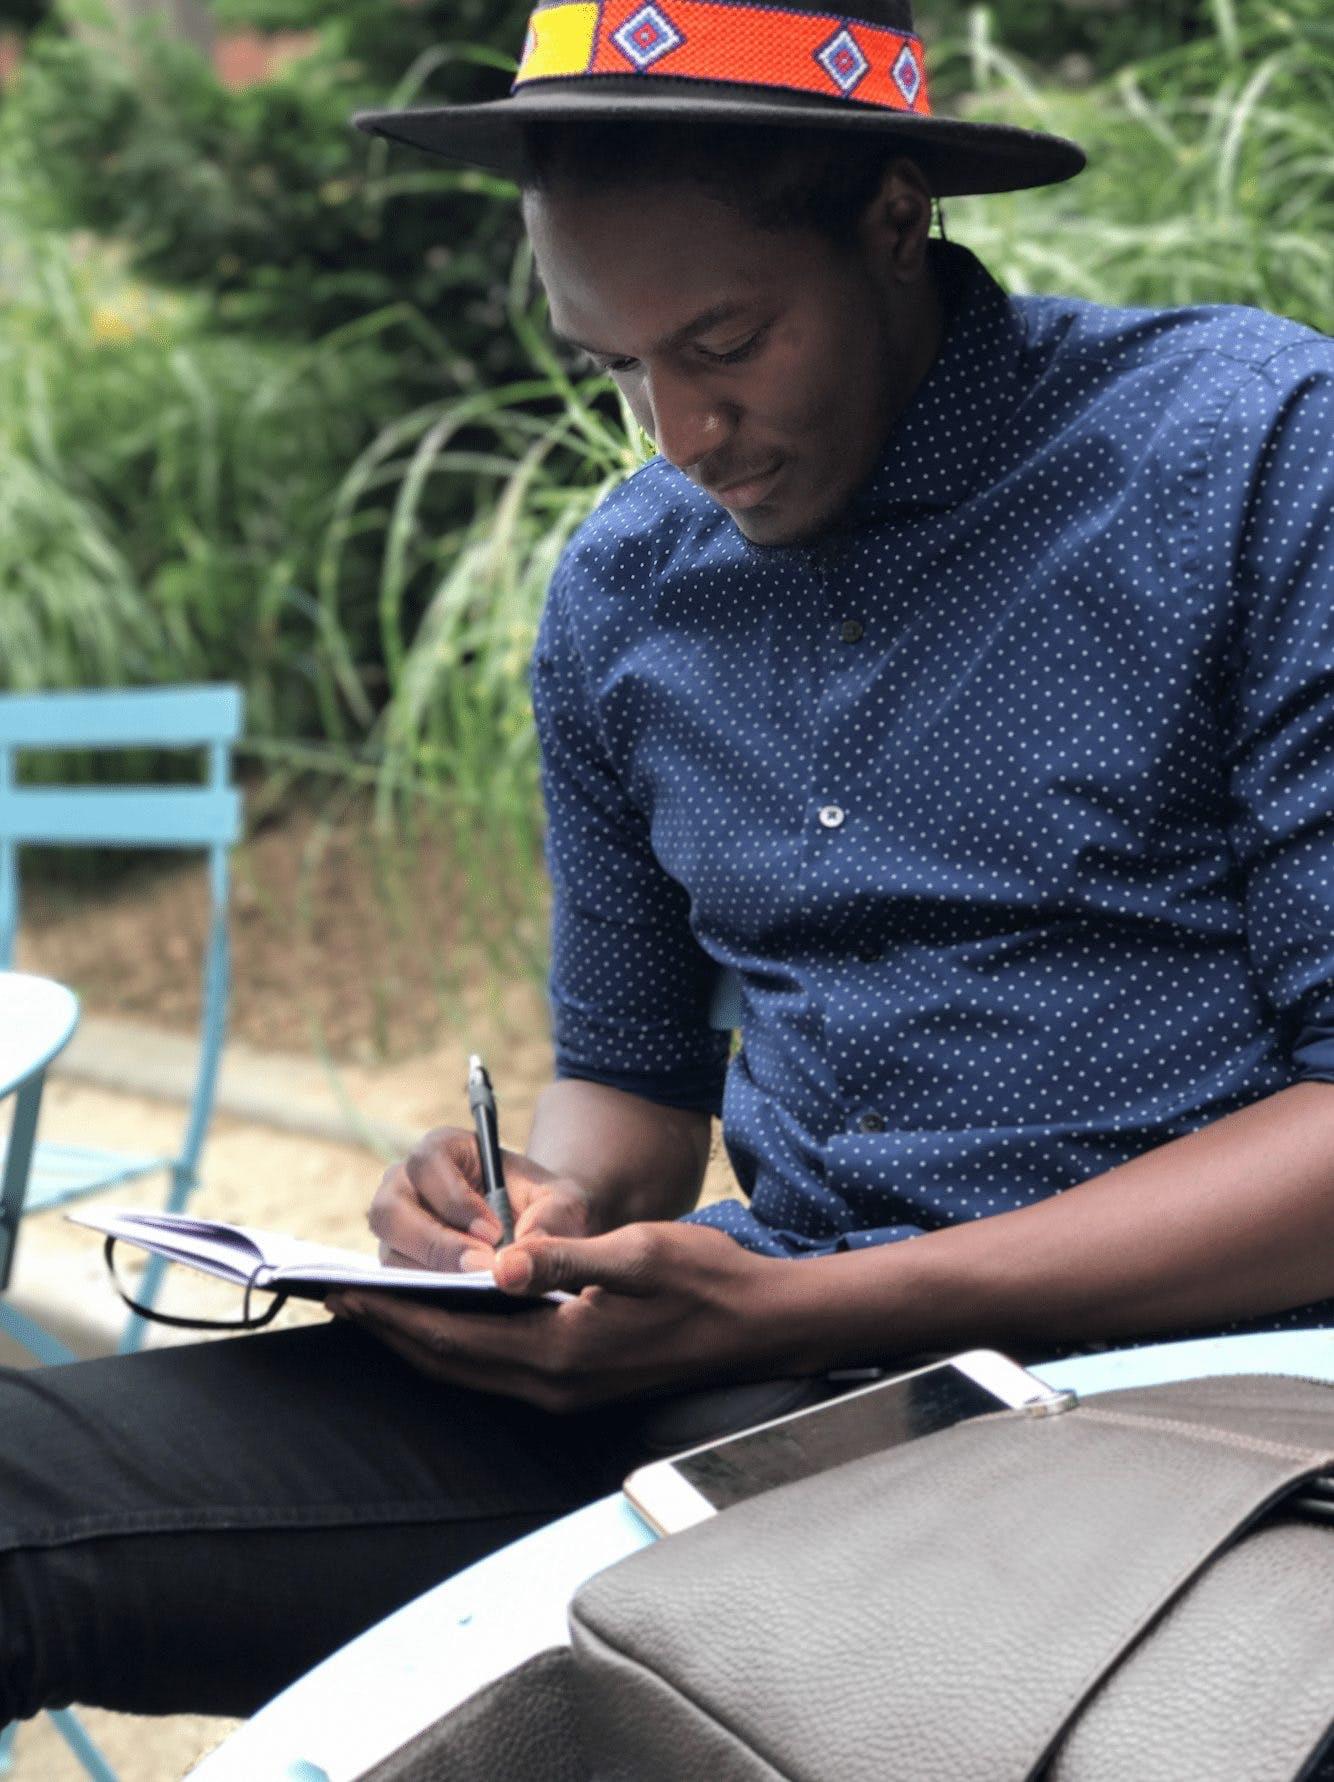 人, 坐, 寫作, 年輕 的 免费素材照片